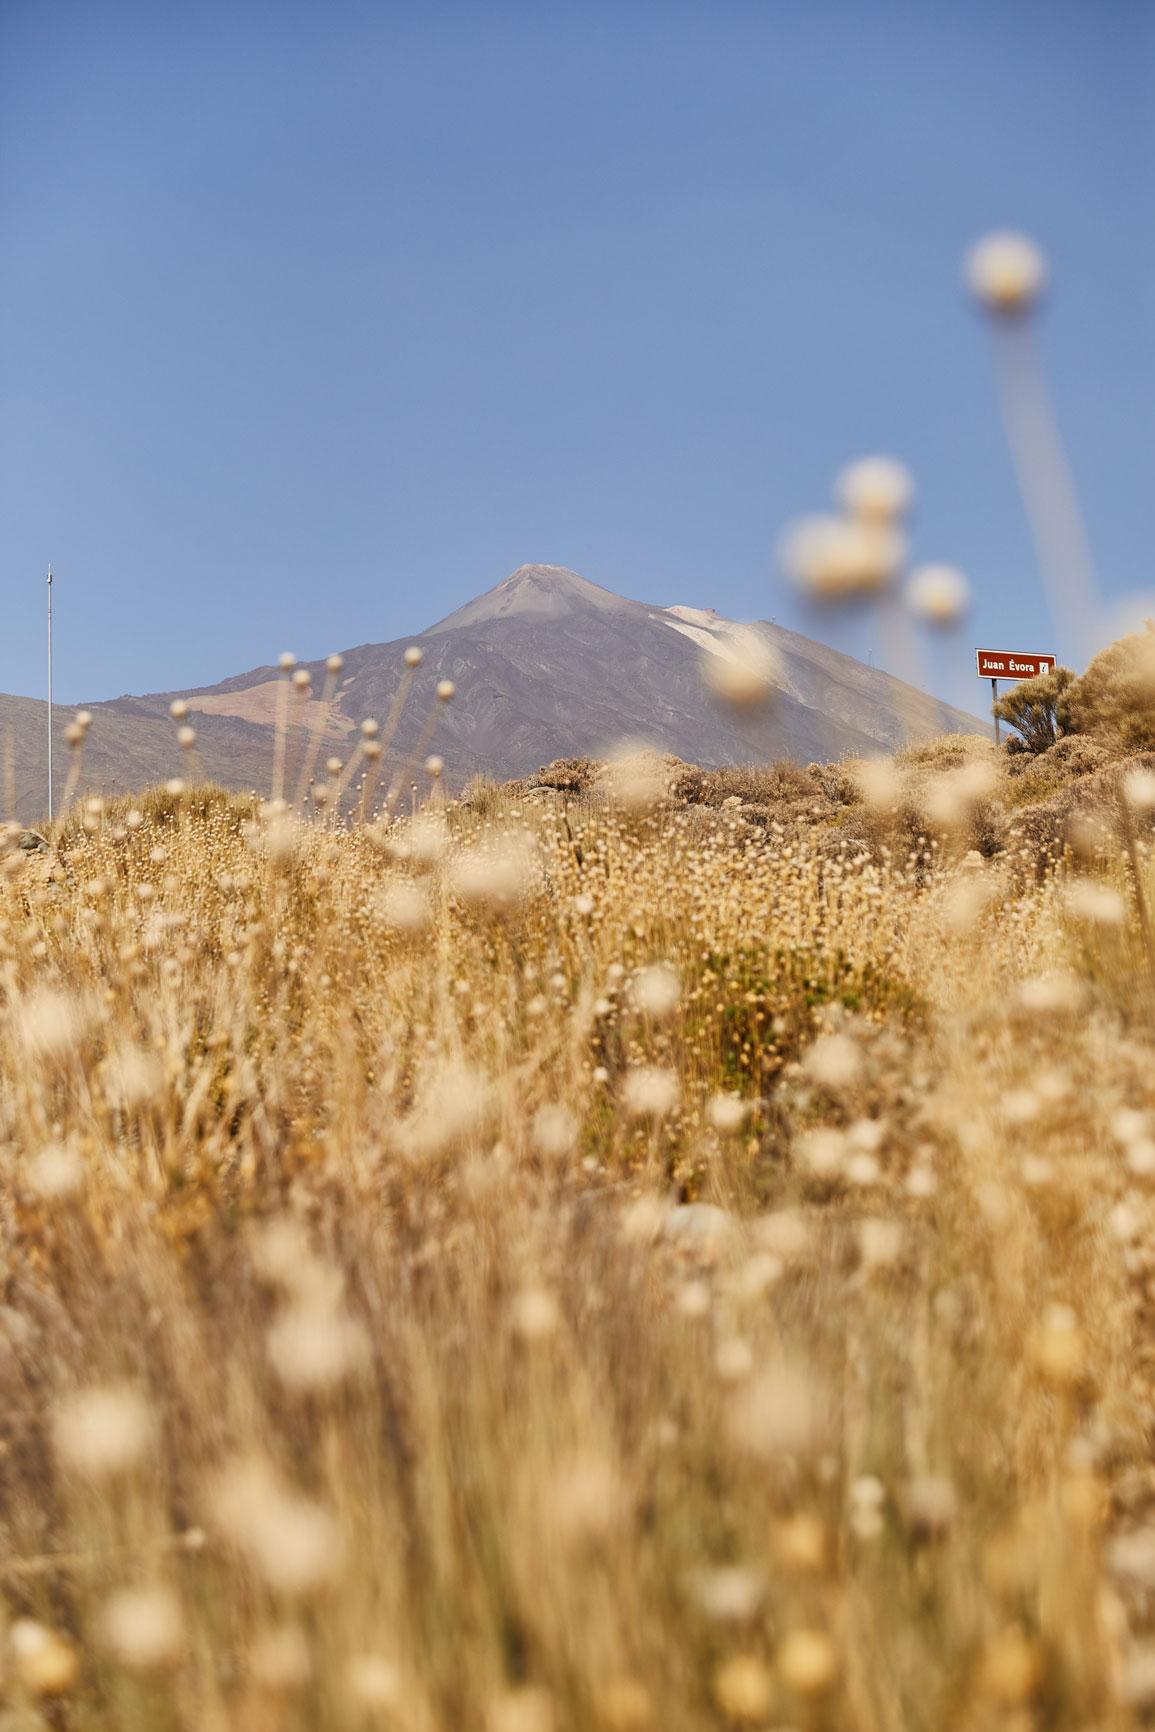 photographe outdoor refuge volcan randonnee reportage espoagne